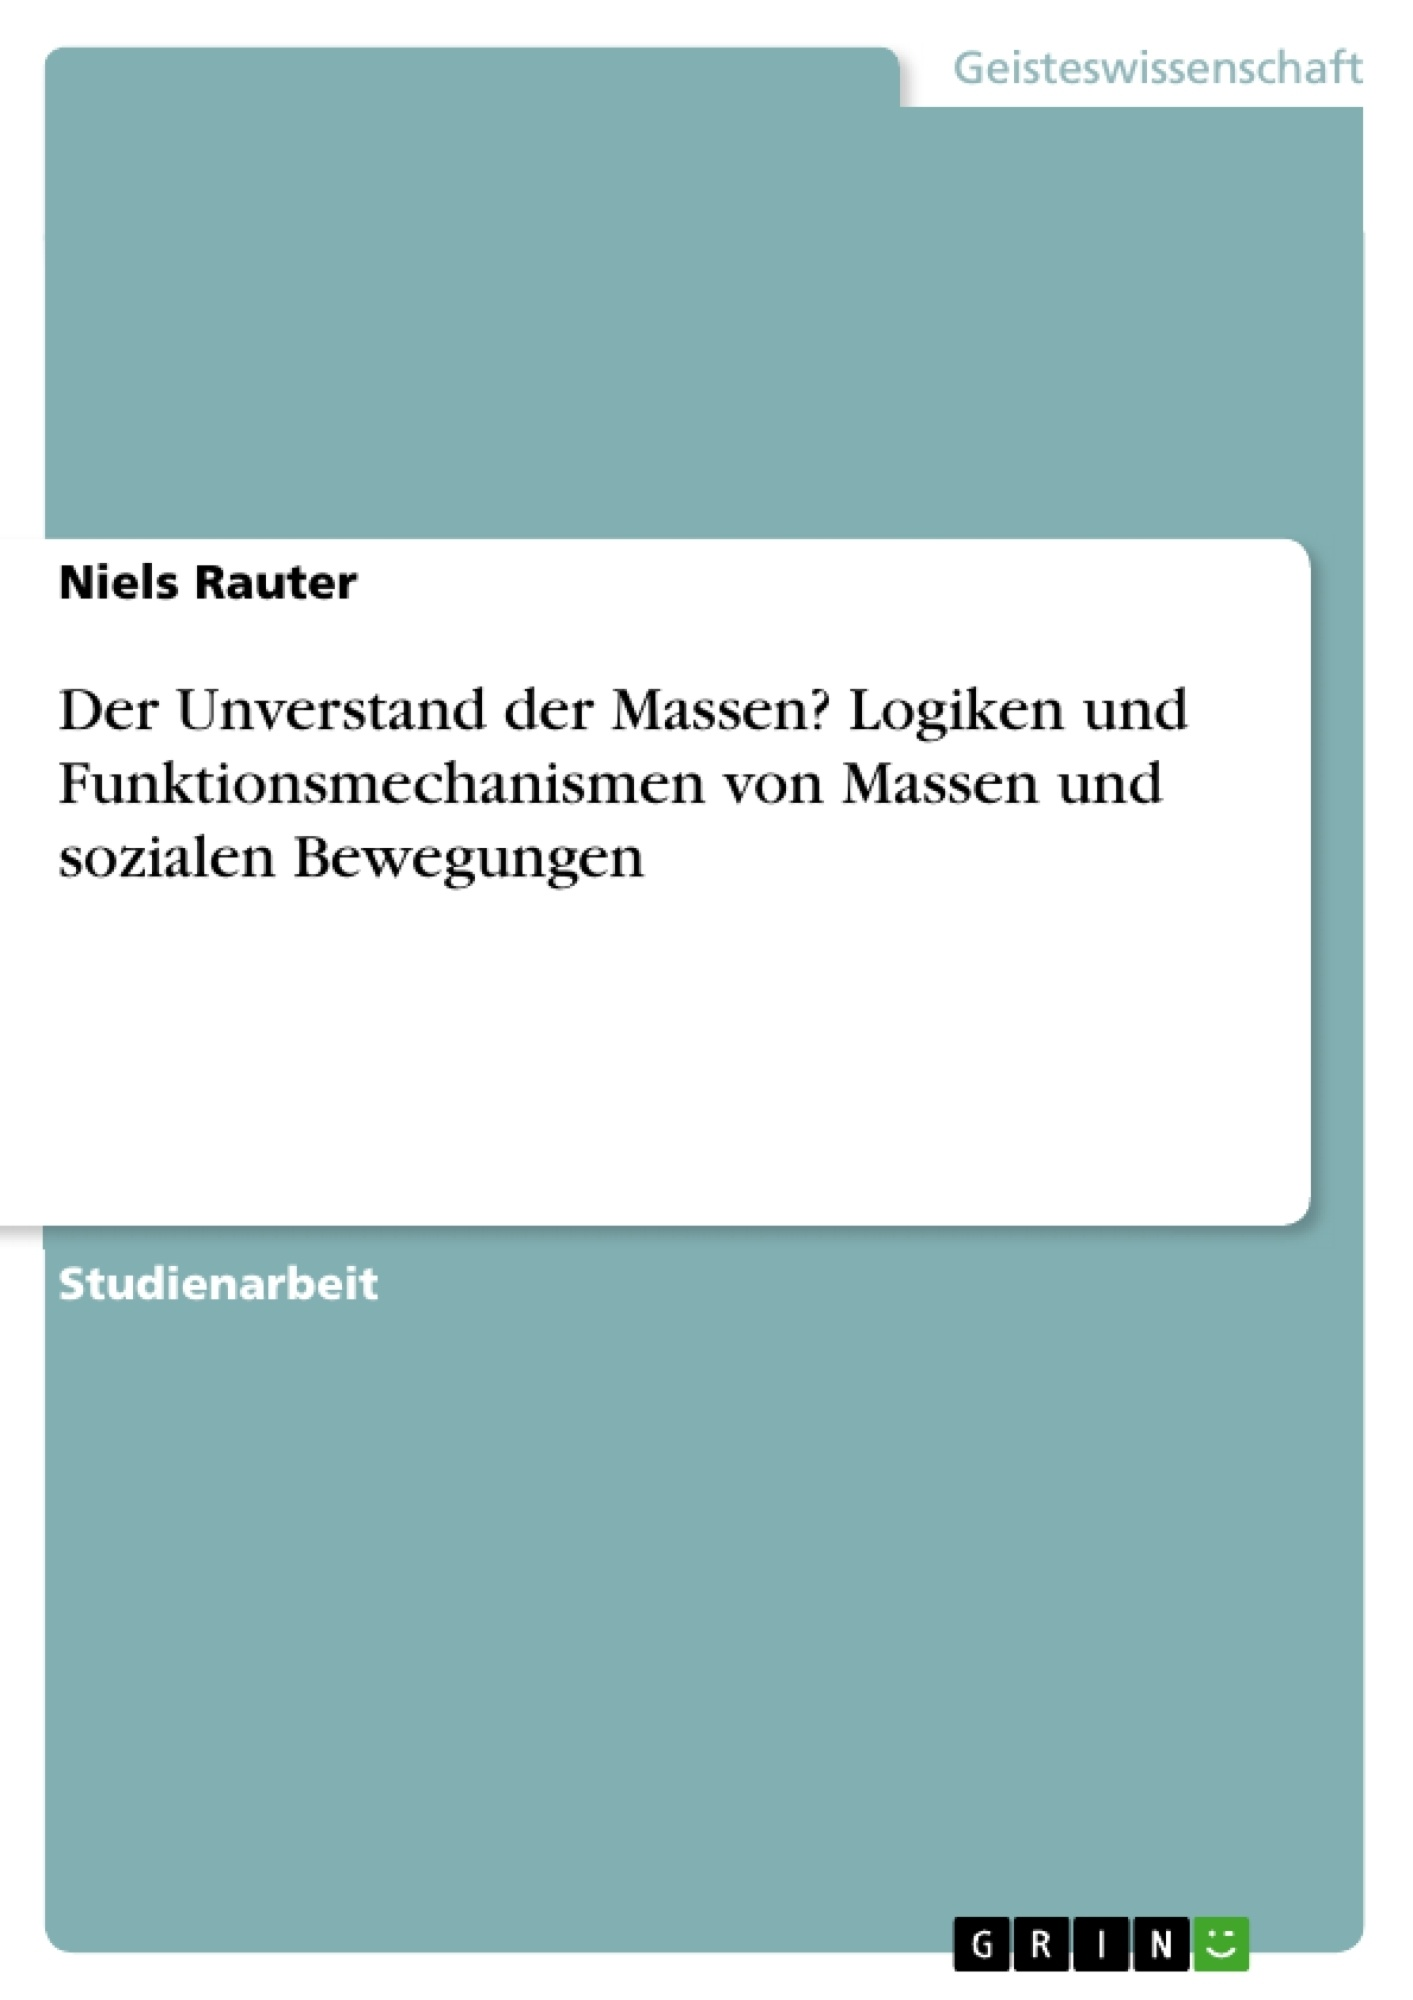 Titel: Der Unverstand der Massen? Logiken und Funktionsmechanismen von Massen und sozialen Bewegungen